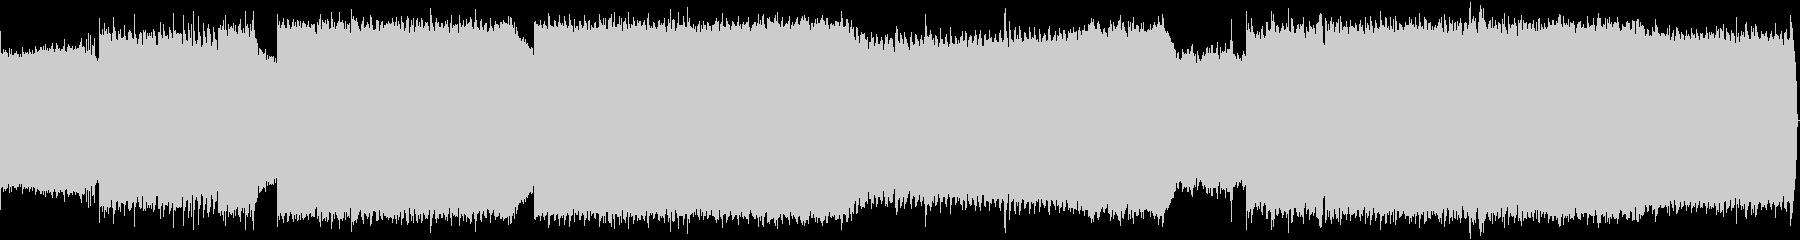 ループ/EDMで不気味なハロウィンダンスの未再生の波形